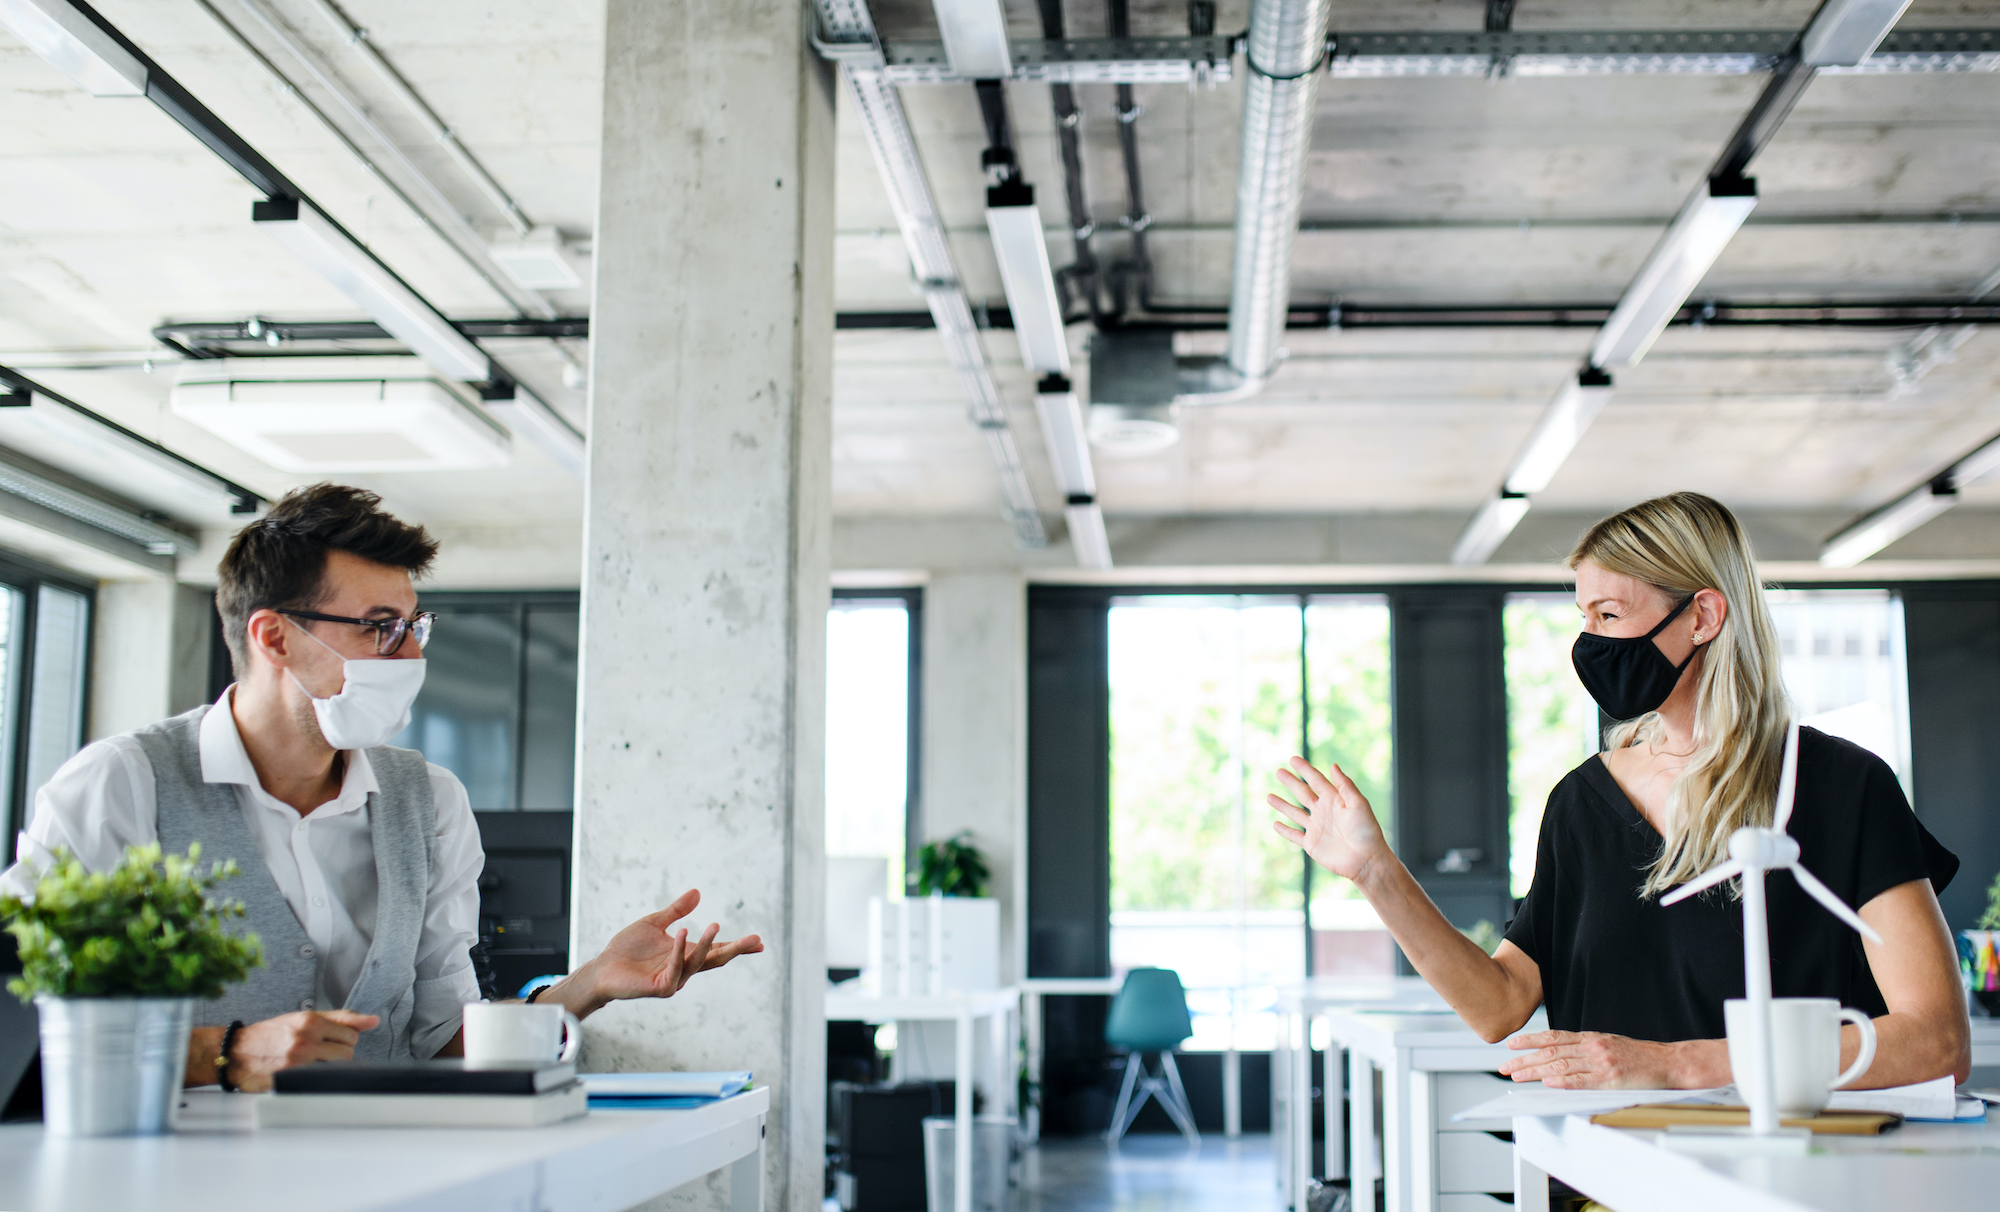 24 proc. pracowników stwierdziło, że pracodawca na wiadomość o koronawirusie zaproponował pakiet dodatkowych badań lekarskich (Fot. Shutterstock)